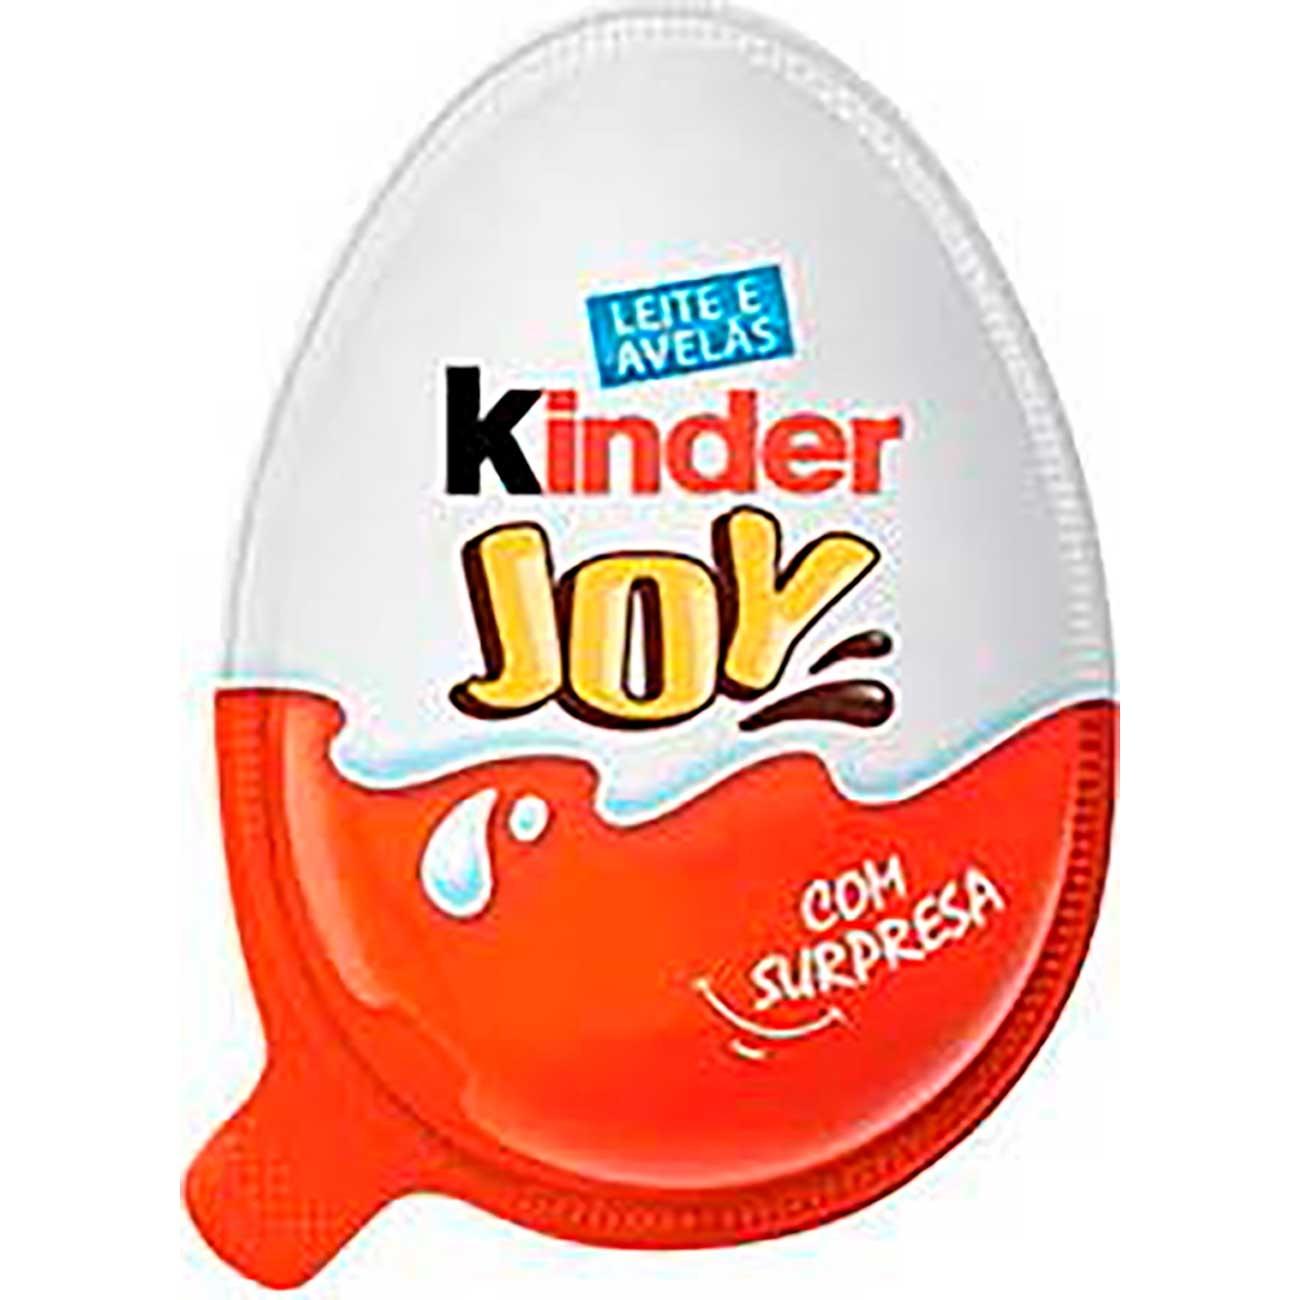 Chocolate Kinder Joy 20g | Caixa com 12 unidades